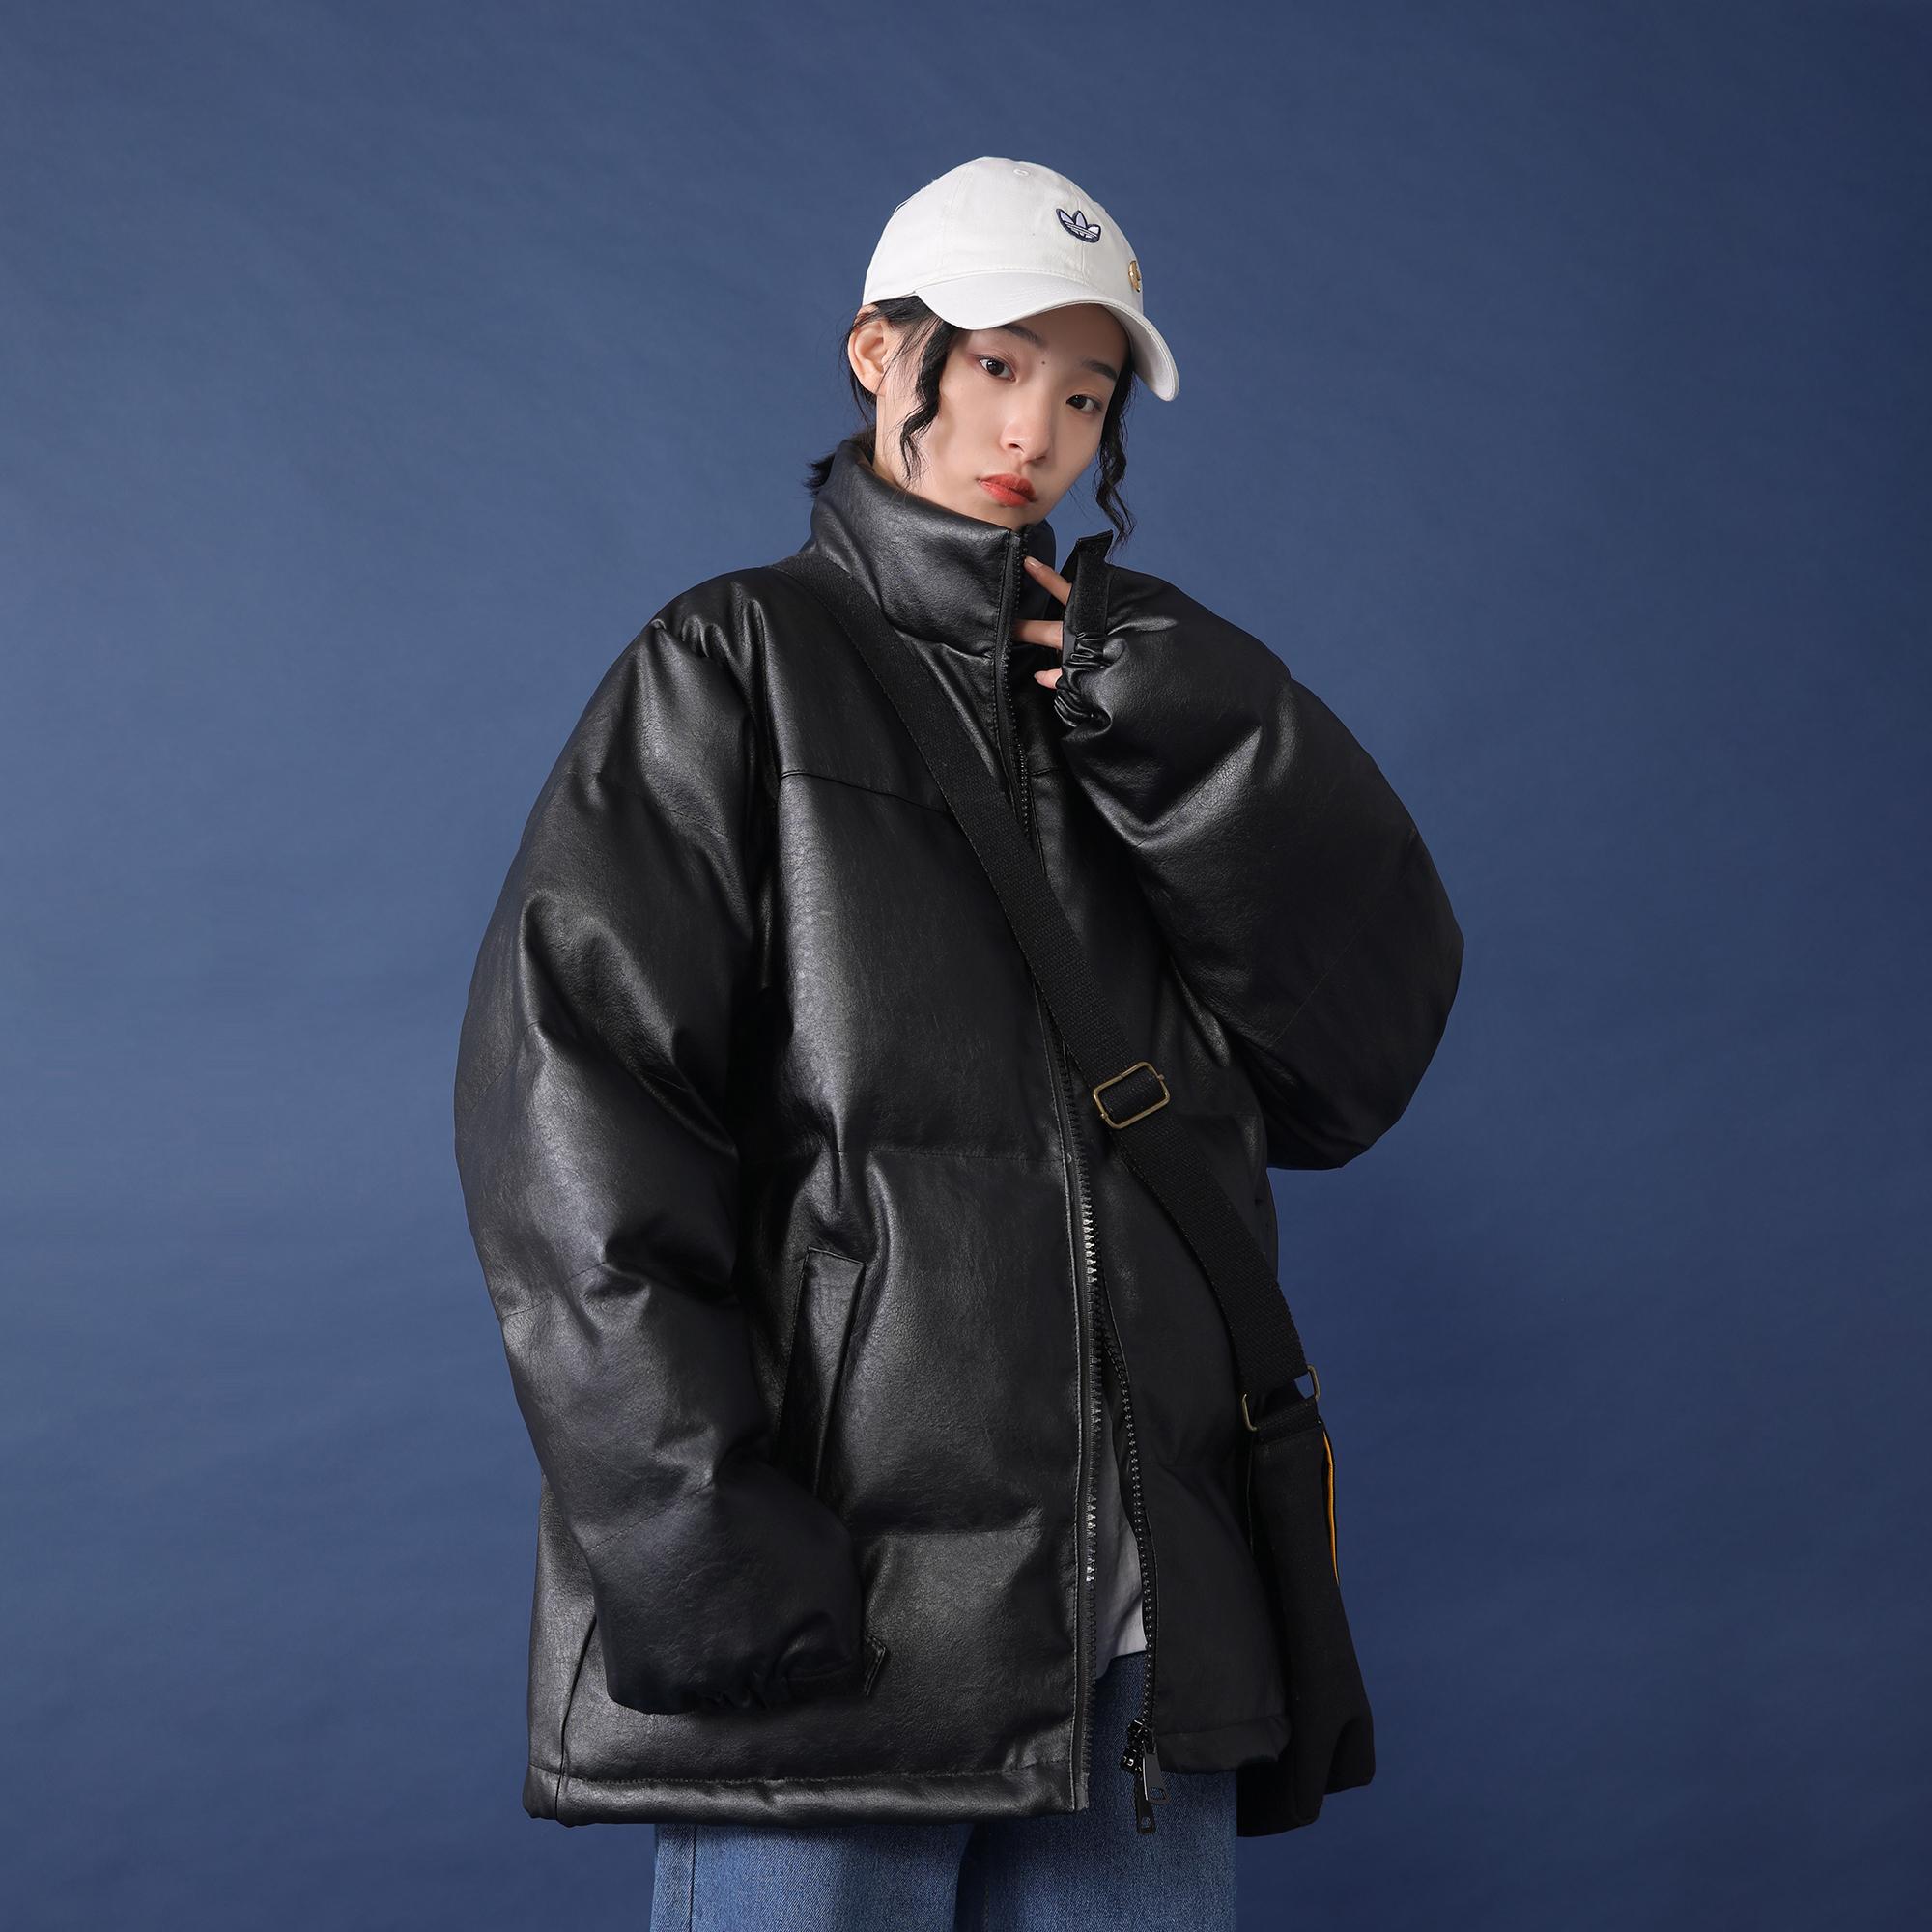 立领皮棉服女2019冬季新款韩版宽松加厚面包服外套短款棉袄